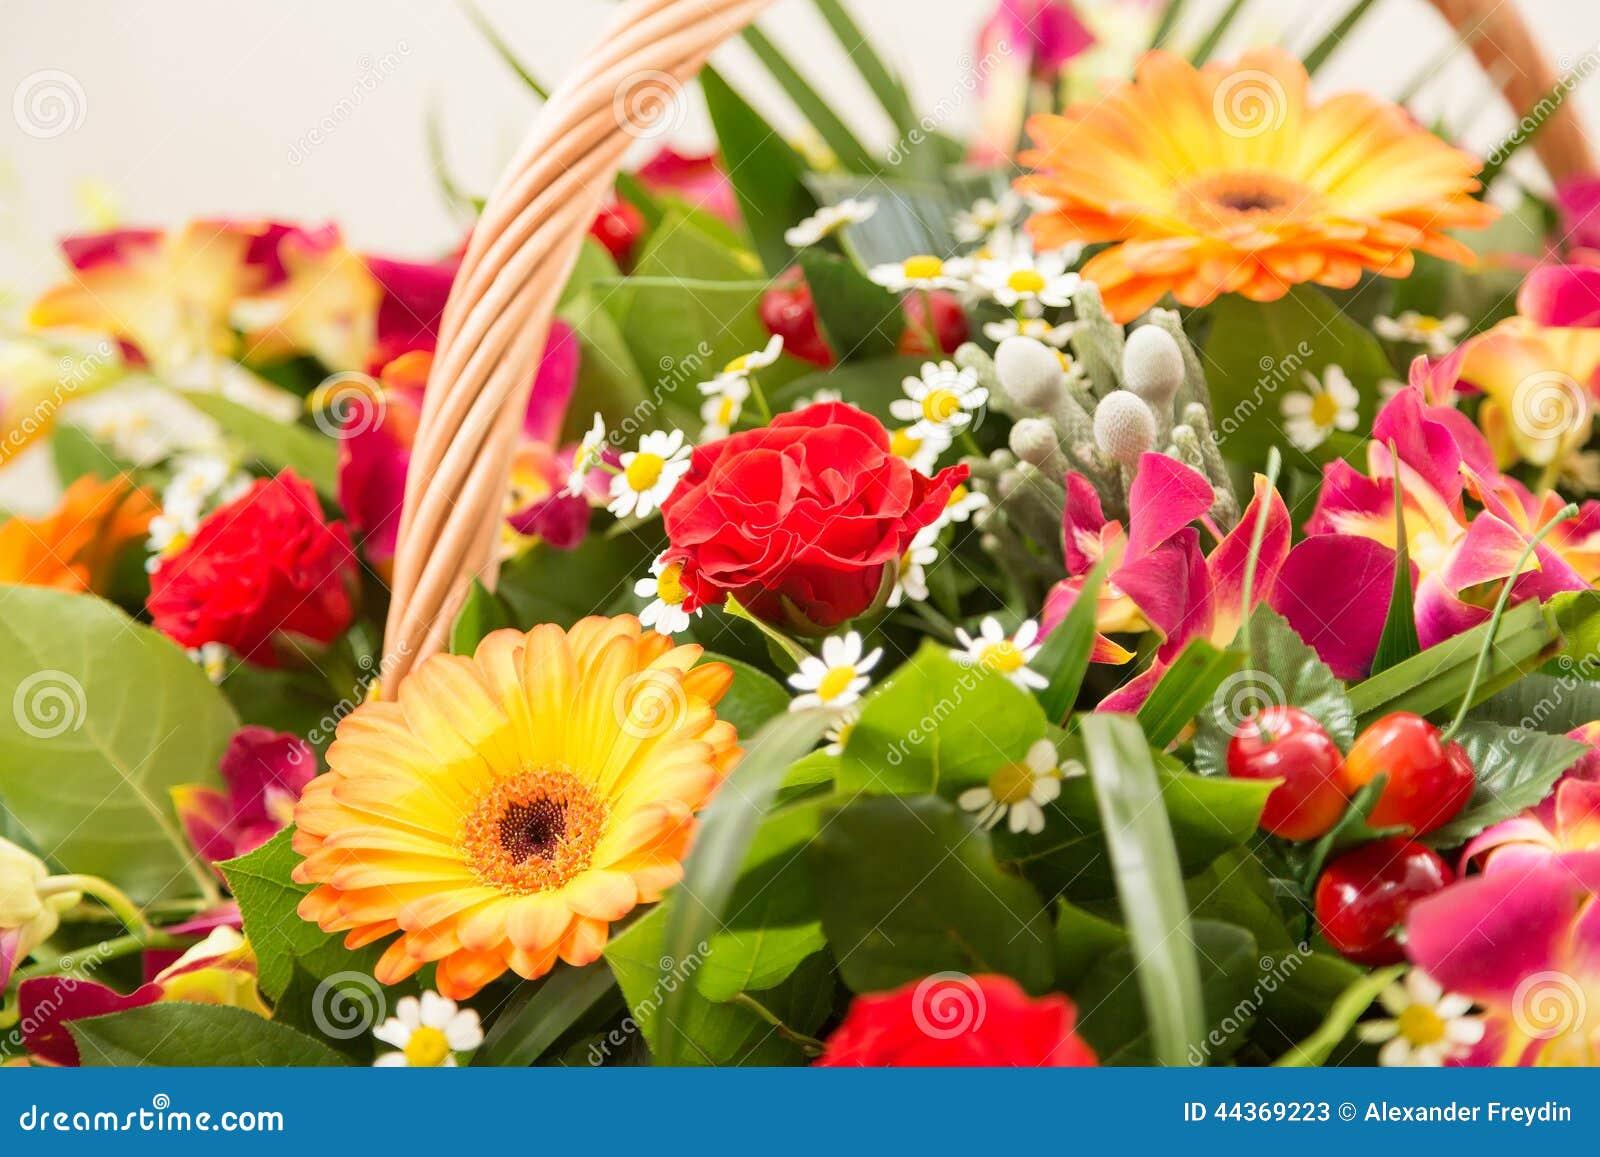 Bouquet des fleurs multicolores dans un panier wattled